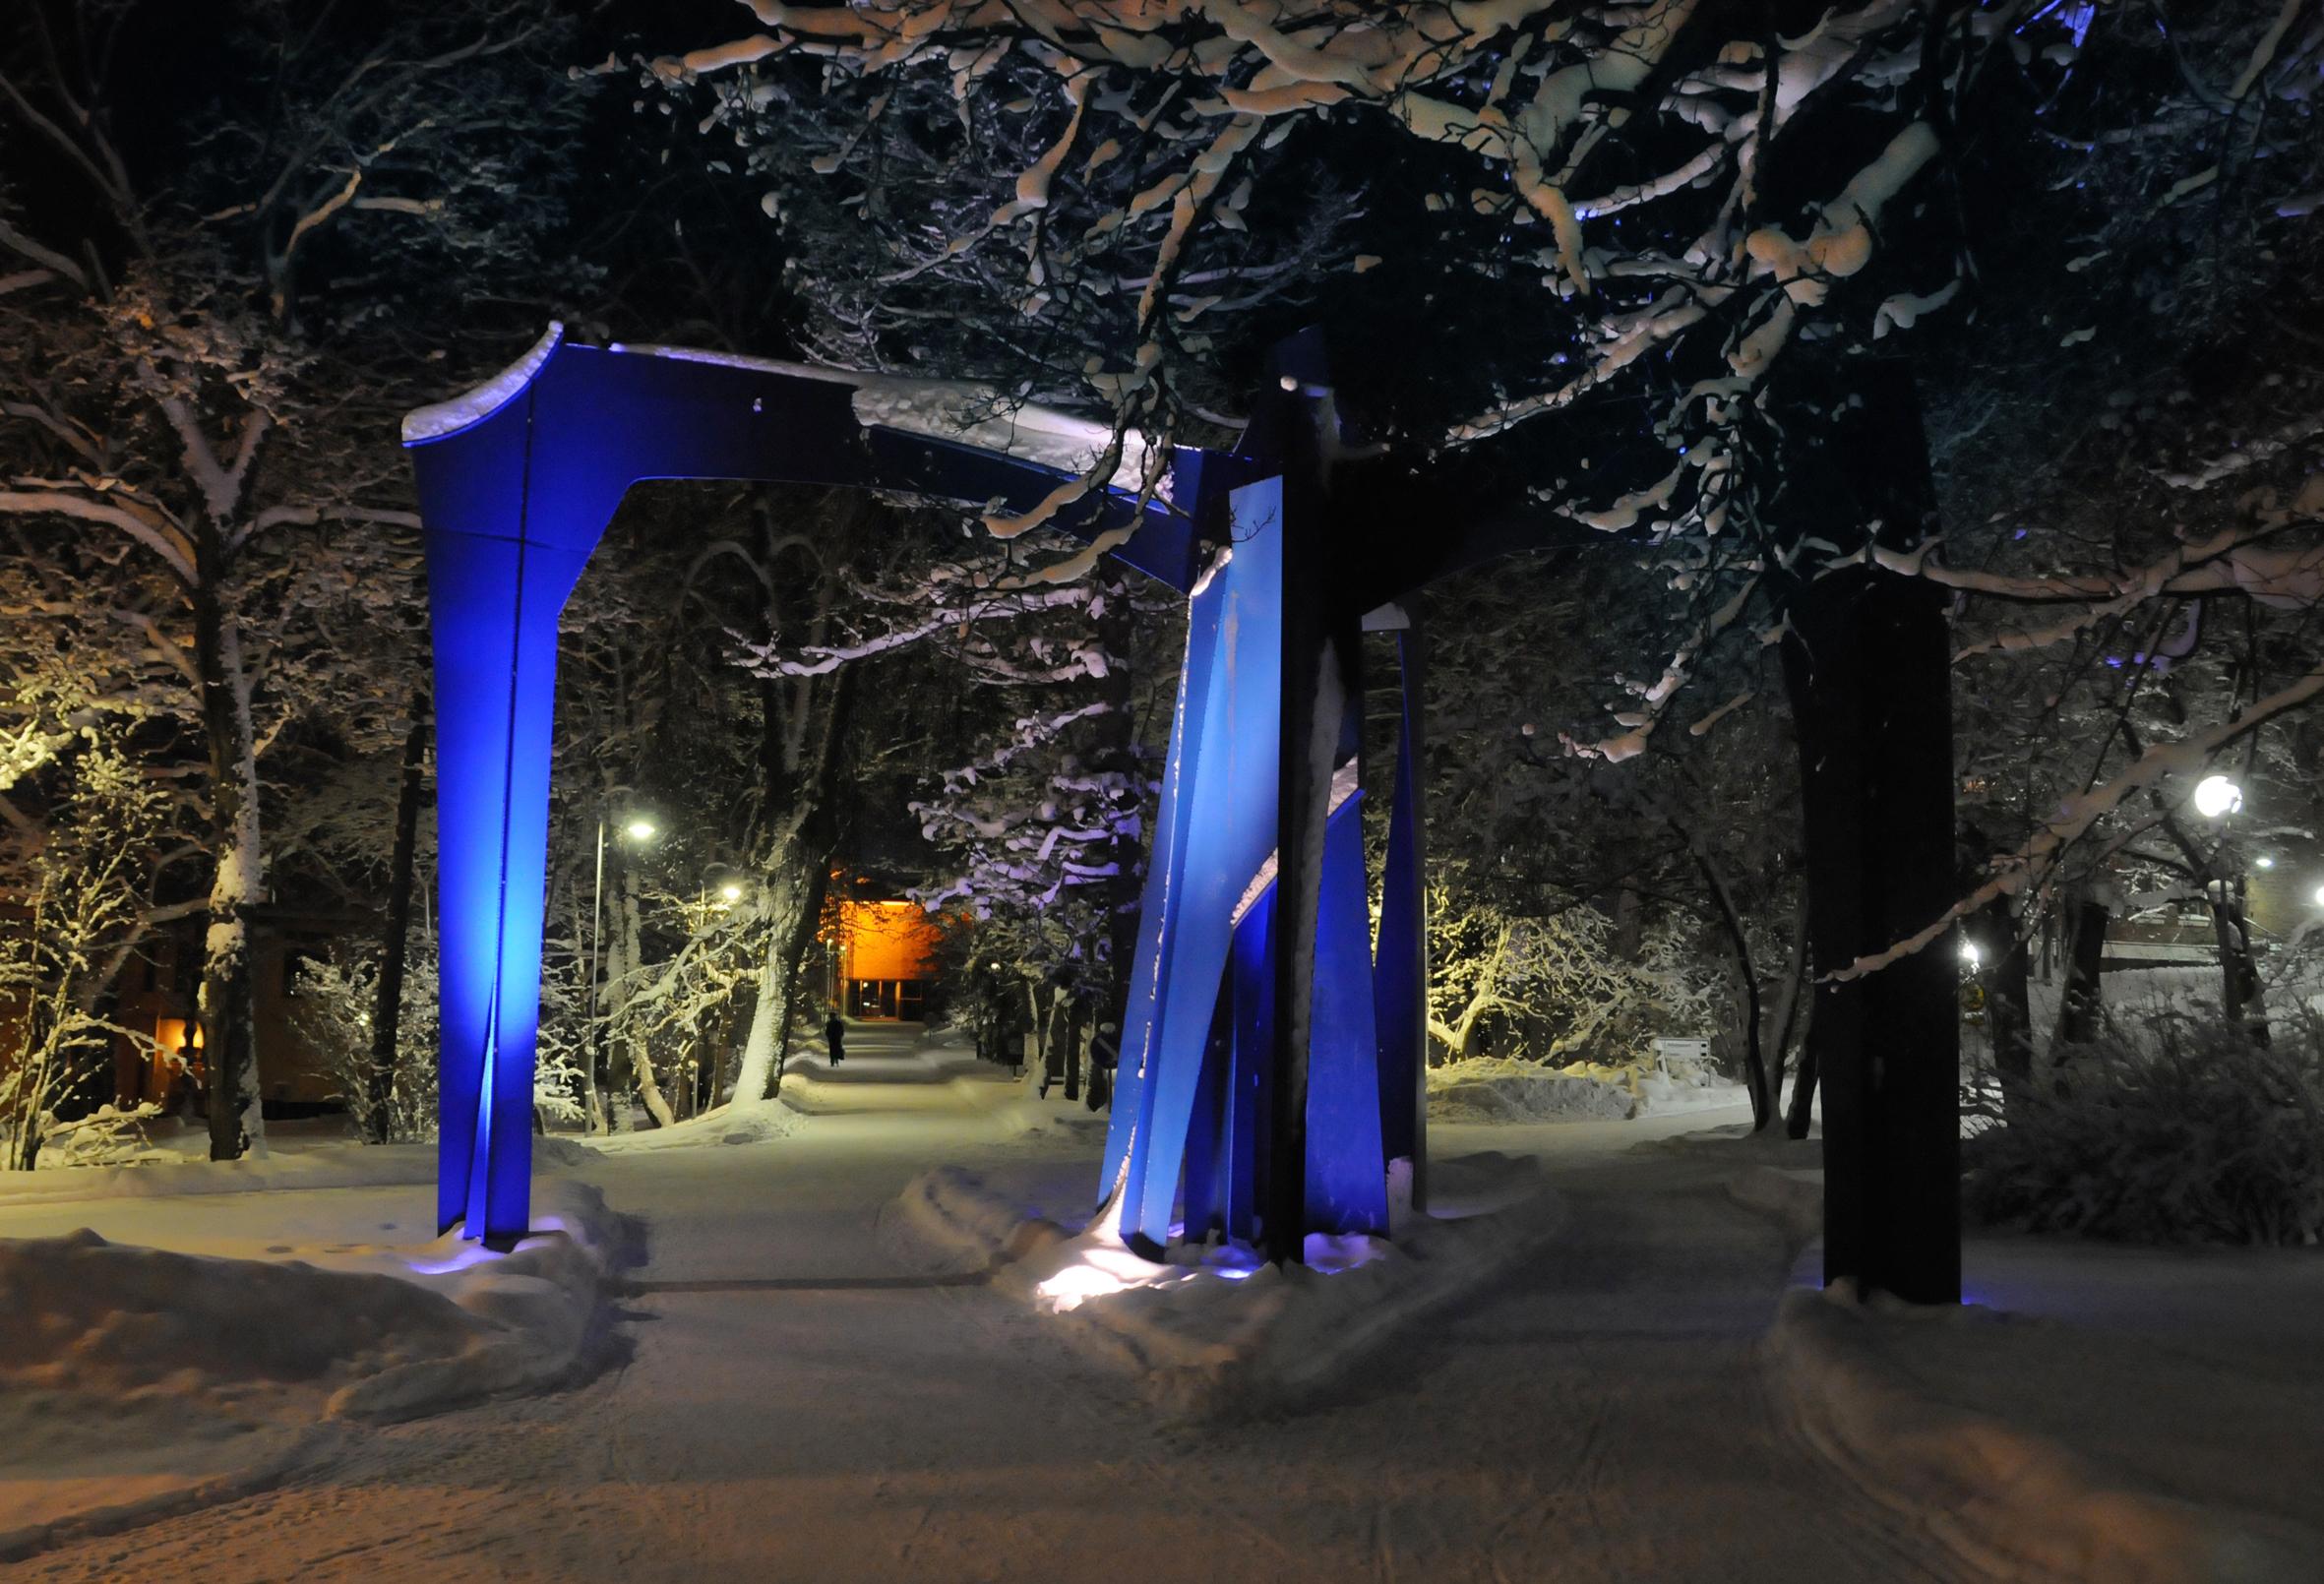 jyu kuvapankki jussi jäppinen tiedonportti talvi.jpg